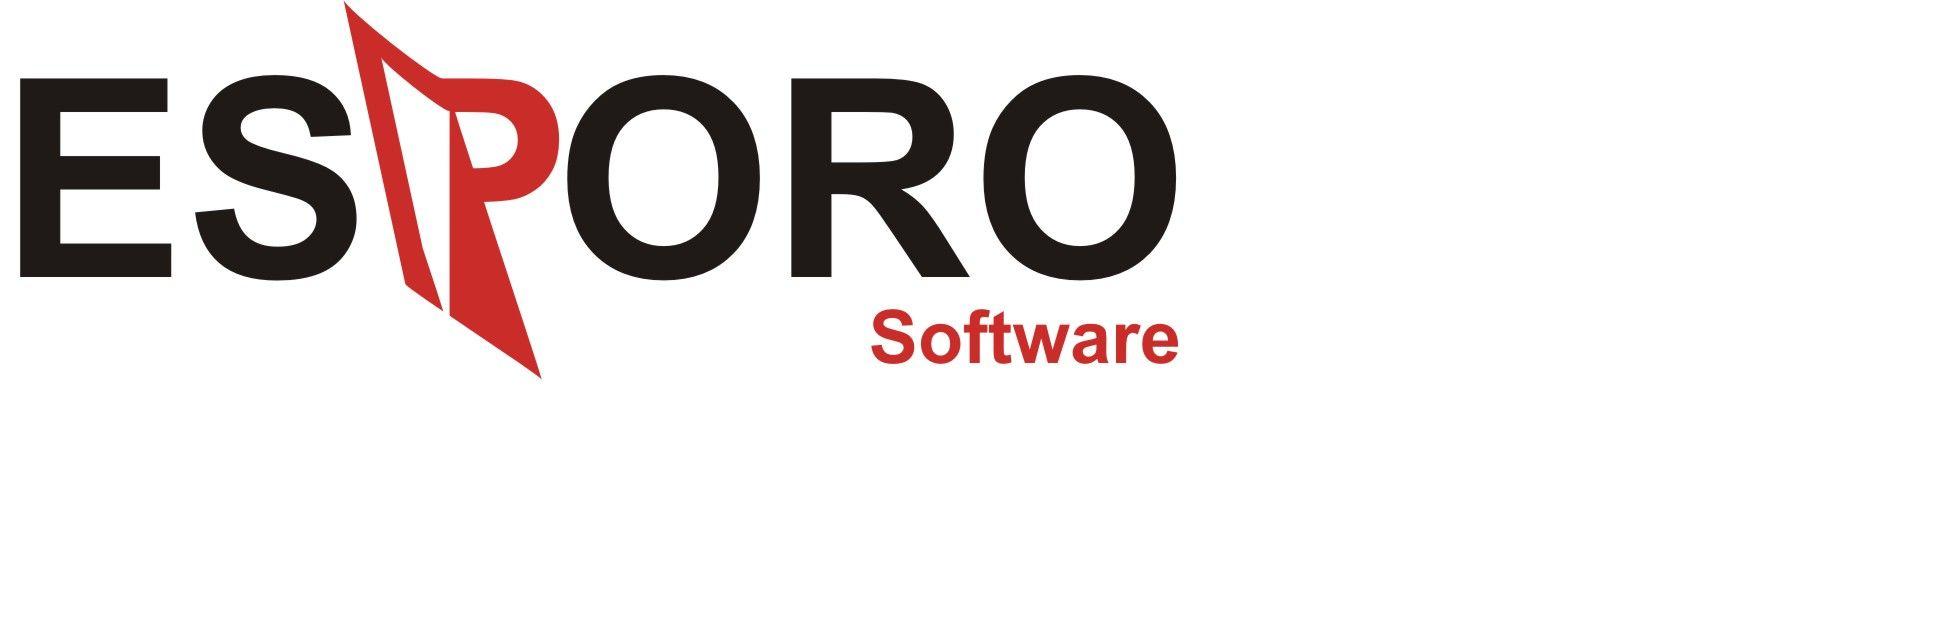 Логотип и фирменный стиль для ИТ-компании - дизайнер bonvian